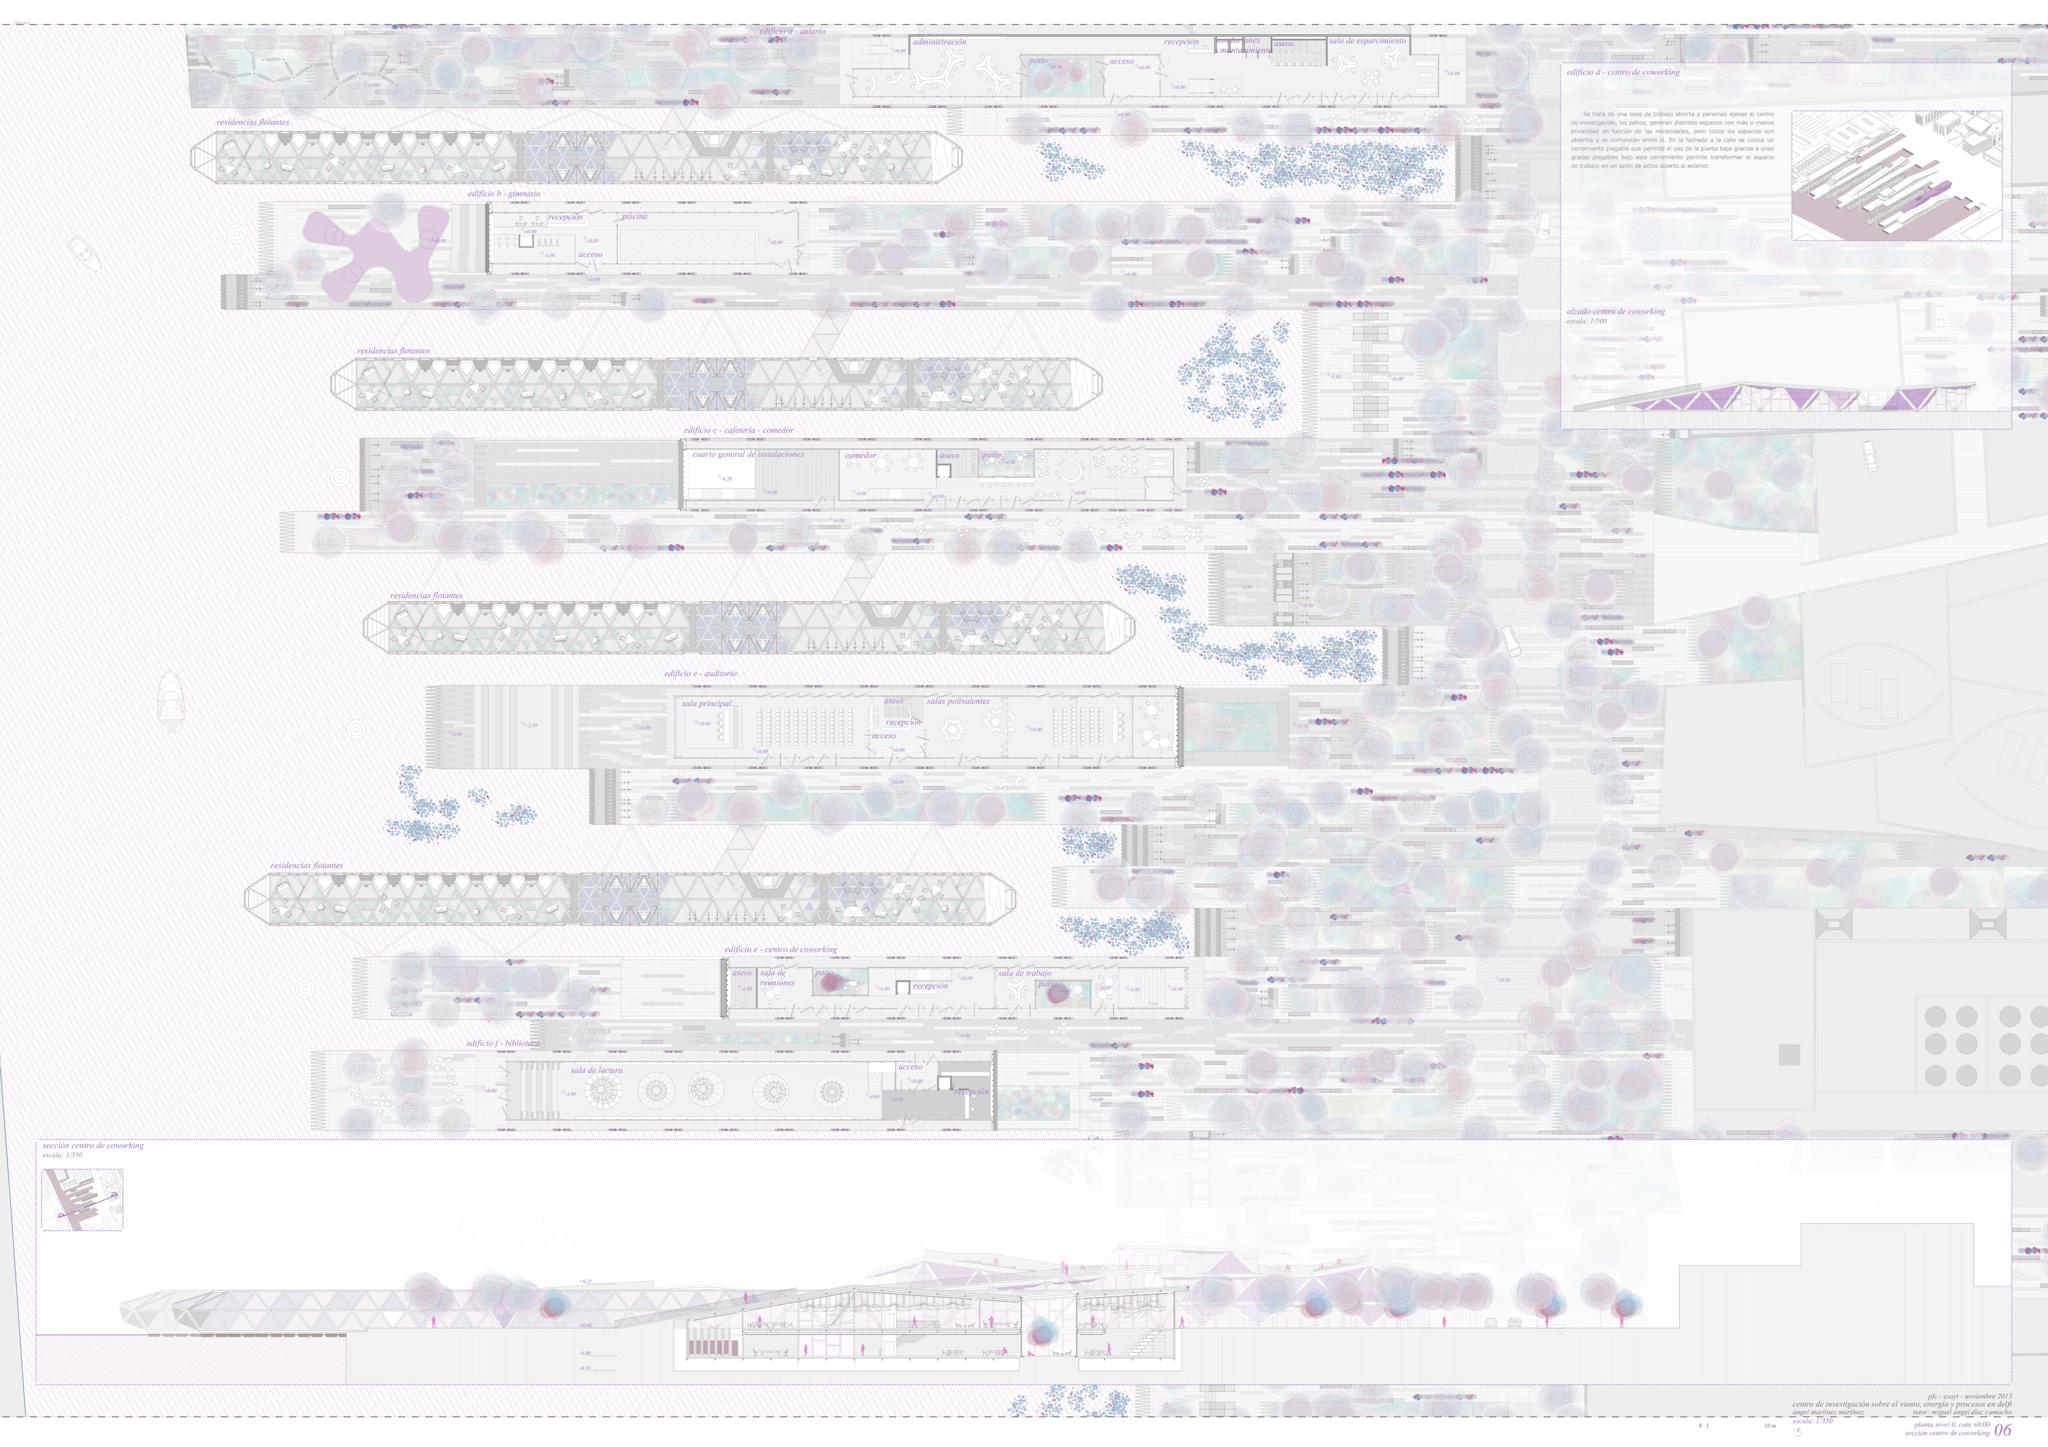 06_Planta nivel 0 y seccion coworking